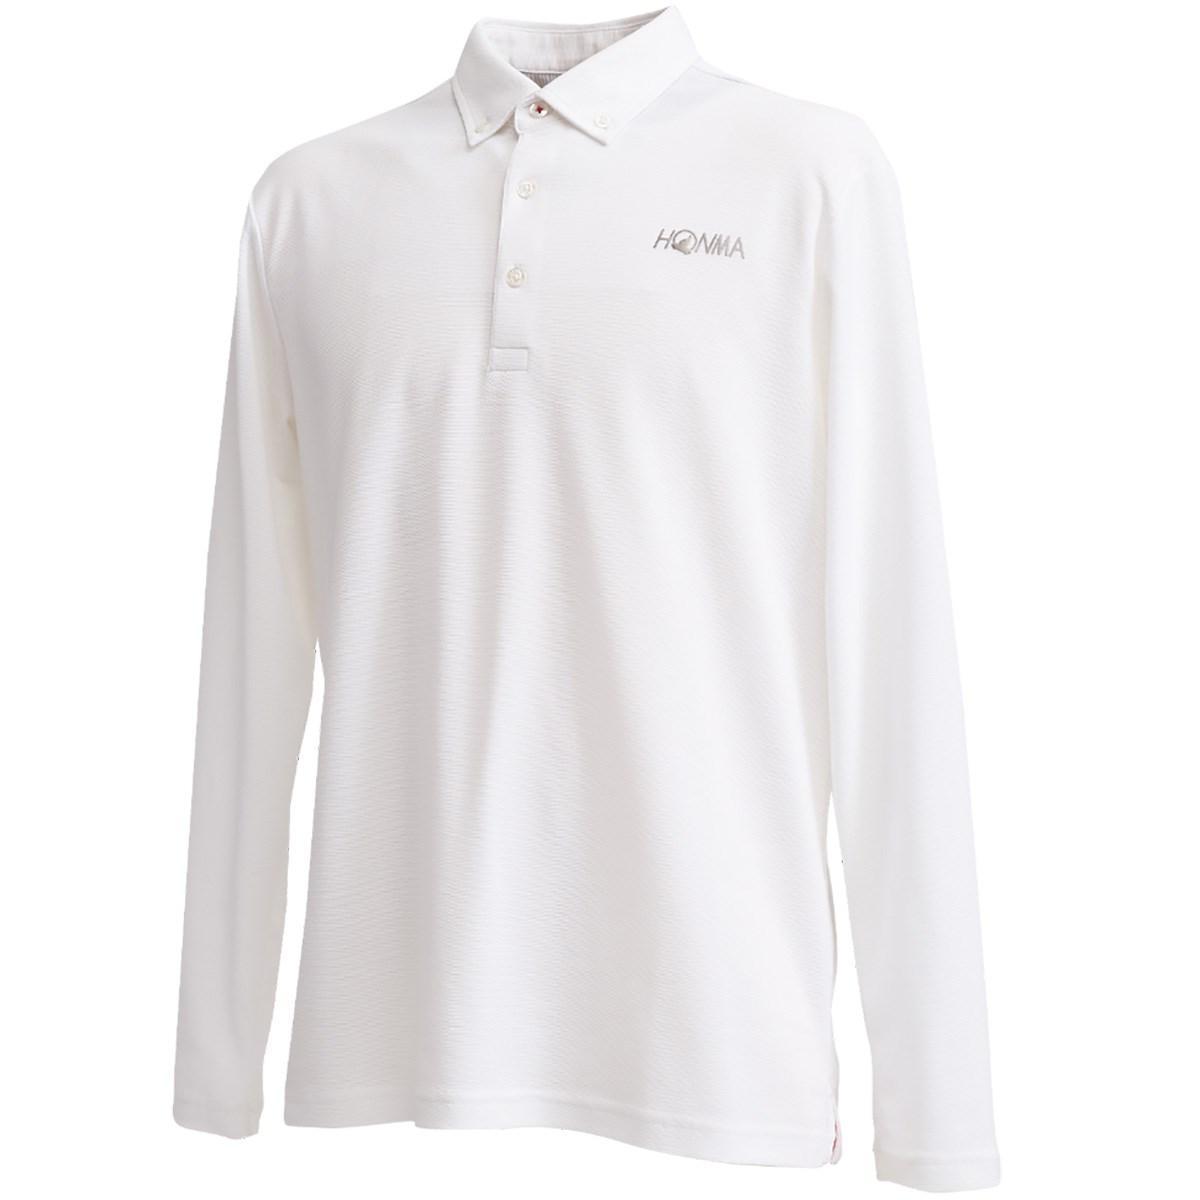 本間ゴルフ(HONMA GOLF) ボタンダウン長袖ポロシャツ